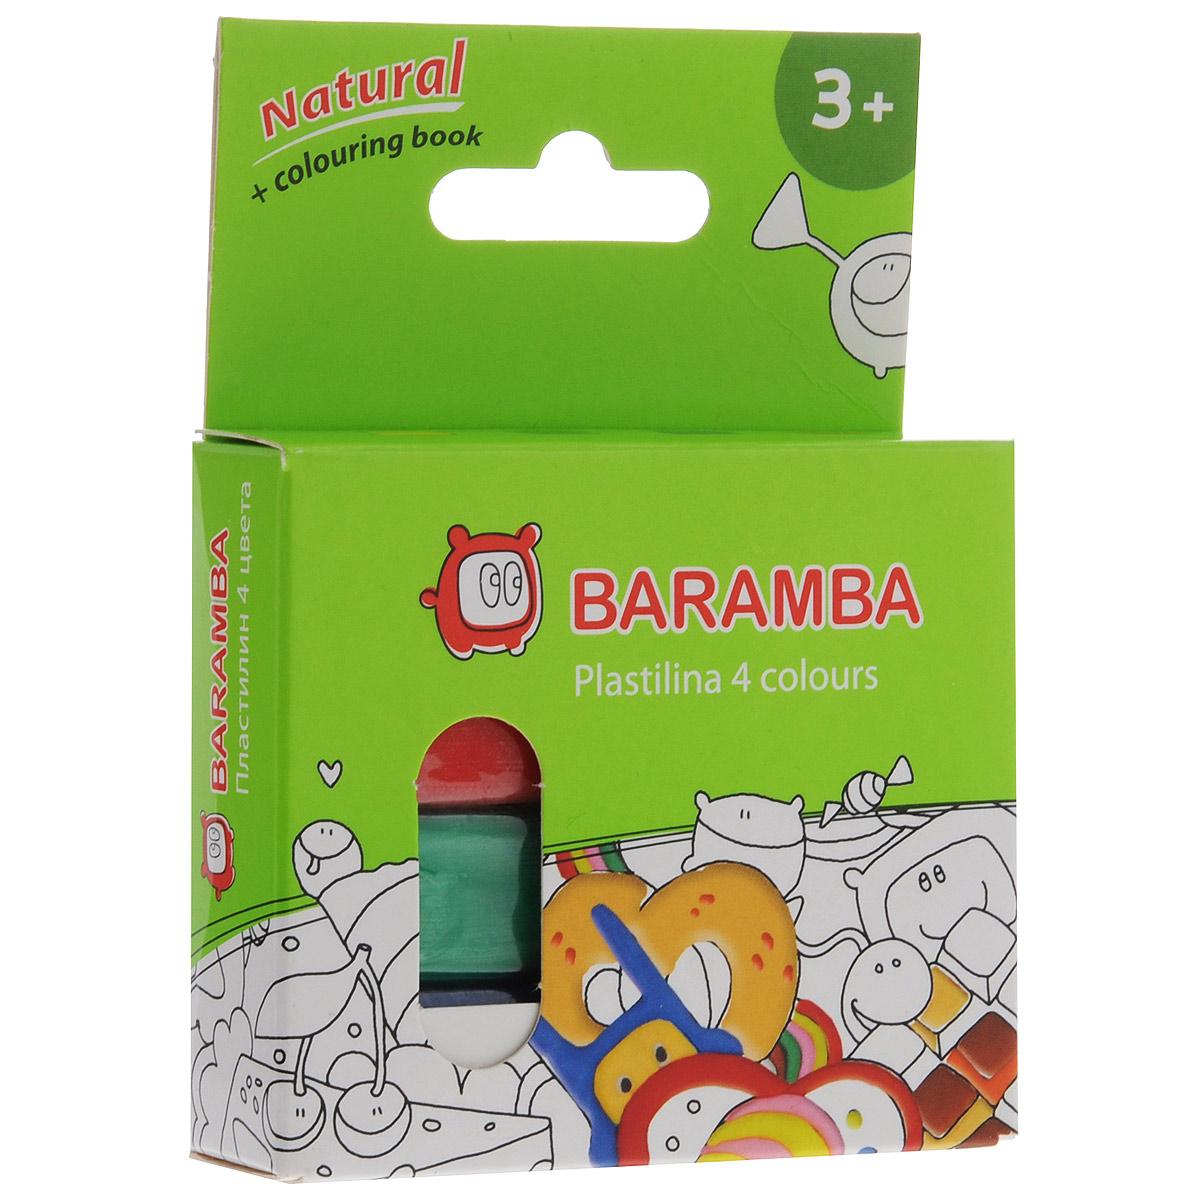 Пластилин Baramba, 4 цветов, с раскраской84966Пластилин Baramba с раскраской - это отличная возможность познакомить ребенка с еще одним из видов изобразительного творчества, в котором создаются объемные образы и целые композиции. В набор входит пластилин 4 ярких цветов (желтый, зеленый, синий, красный). Цвета пластилина легко смешиваются между собой, и таким образом можно получить новые оттенки. Пластилин на растительной основе, очень мягкий, содержит натуральные масла и воск, легко смешивается друг с другом и не липнет к рукам.Техника лепки богата и разнообразна, но при этом доступна даже маленьким детям. В комплект также входит раскраска с изображением, которое малыш сможет раскрасить с помощью пластилина. Занятие лепкой не только увлекательно, но и полезно для ребенка. Оно способствует развитию творческого и пространственного мышления, восприятия формы, фактуры, цвета и веса, развивает воображение и мелкую моторику.